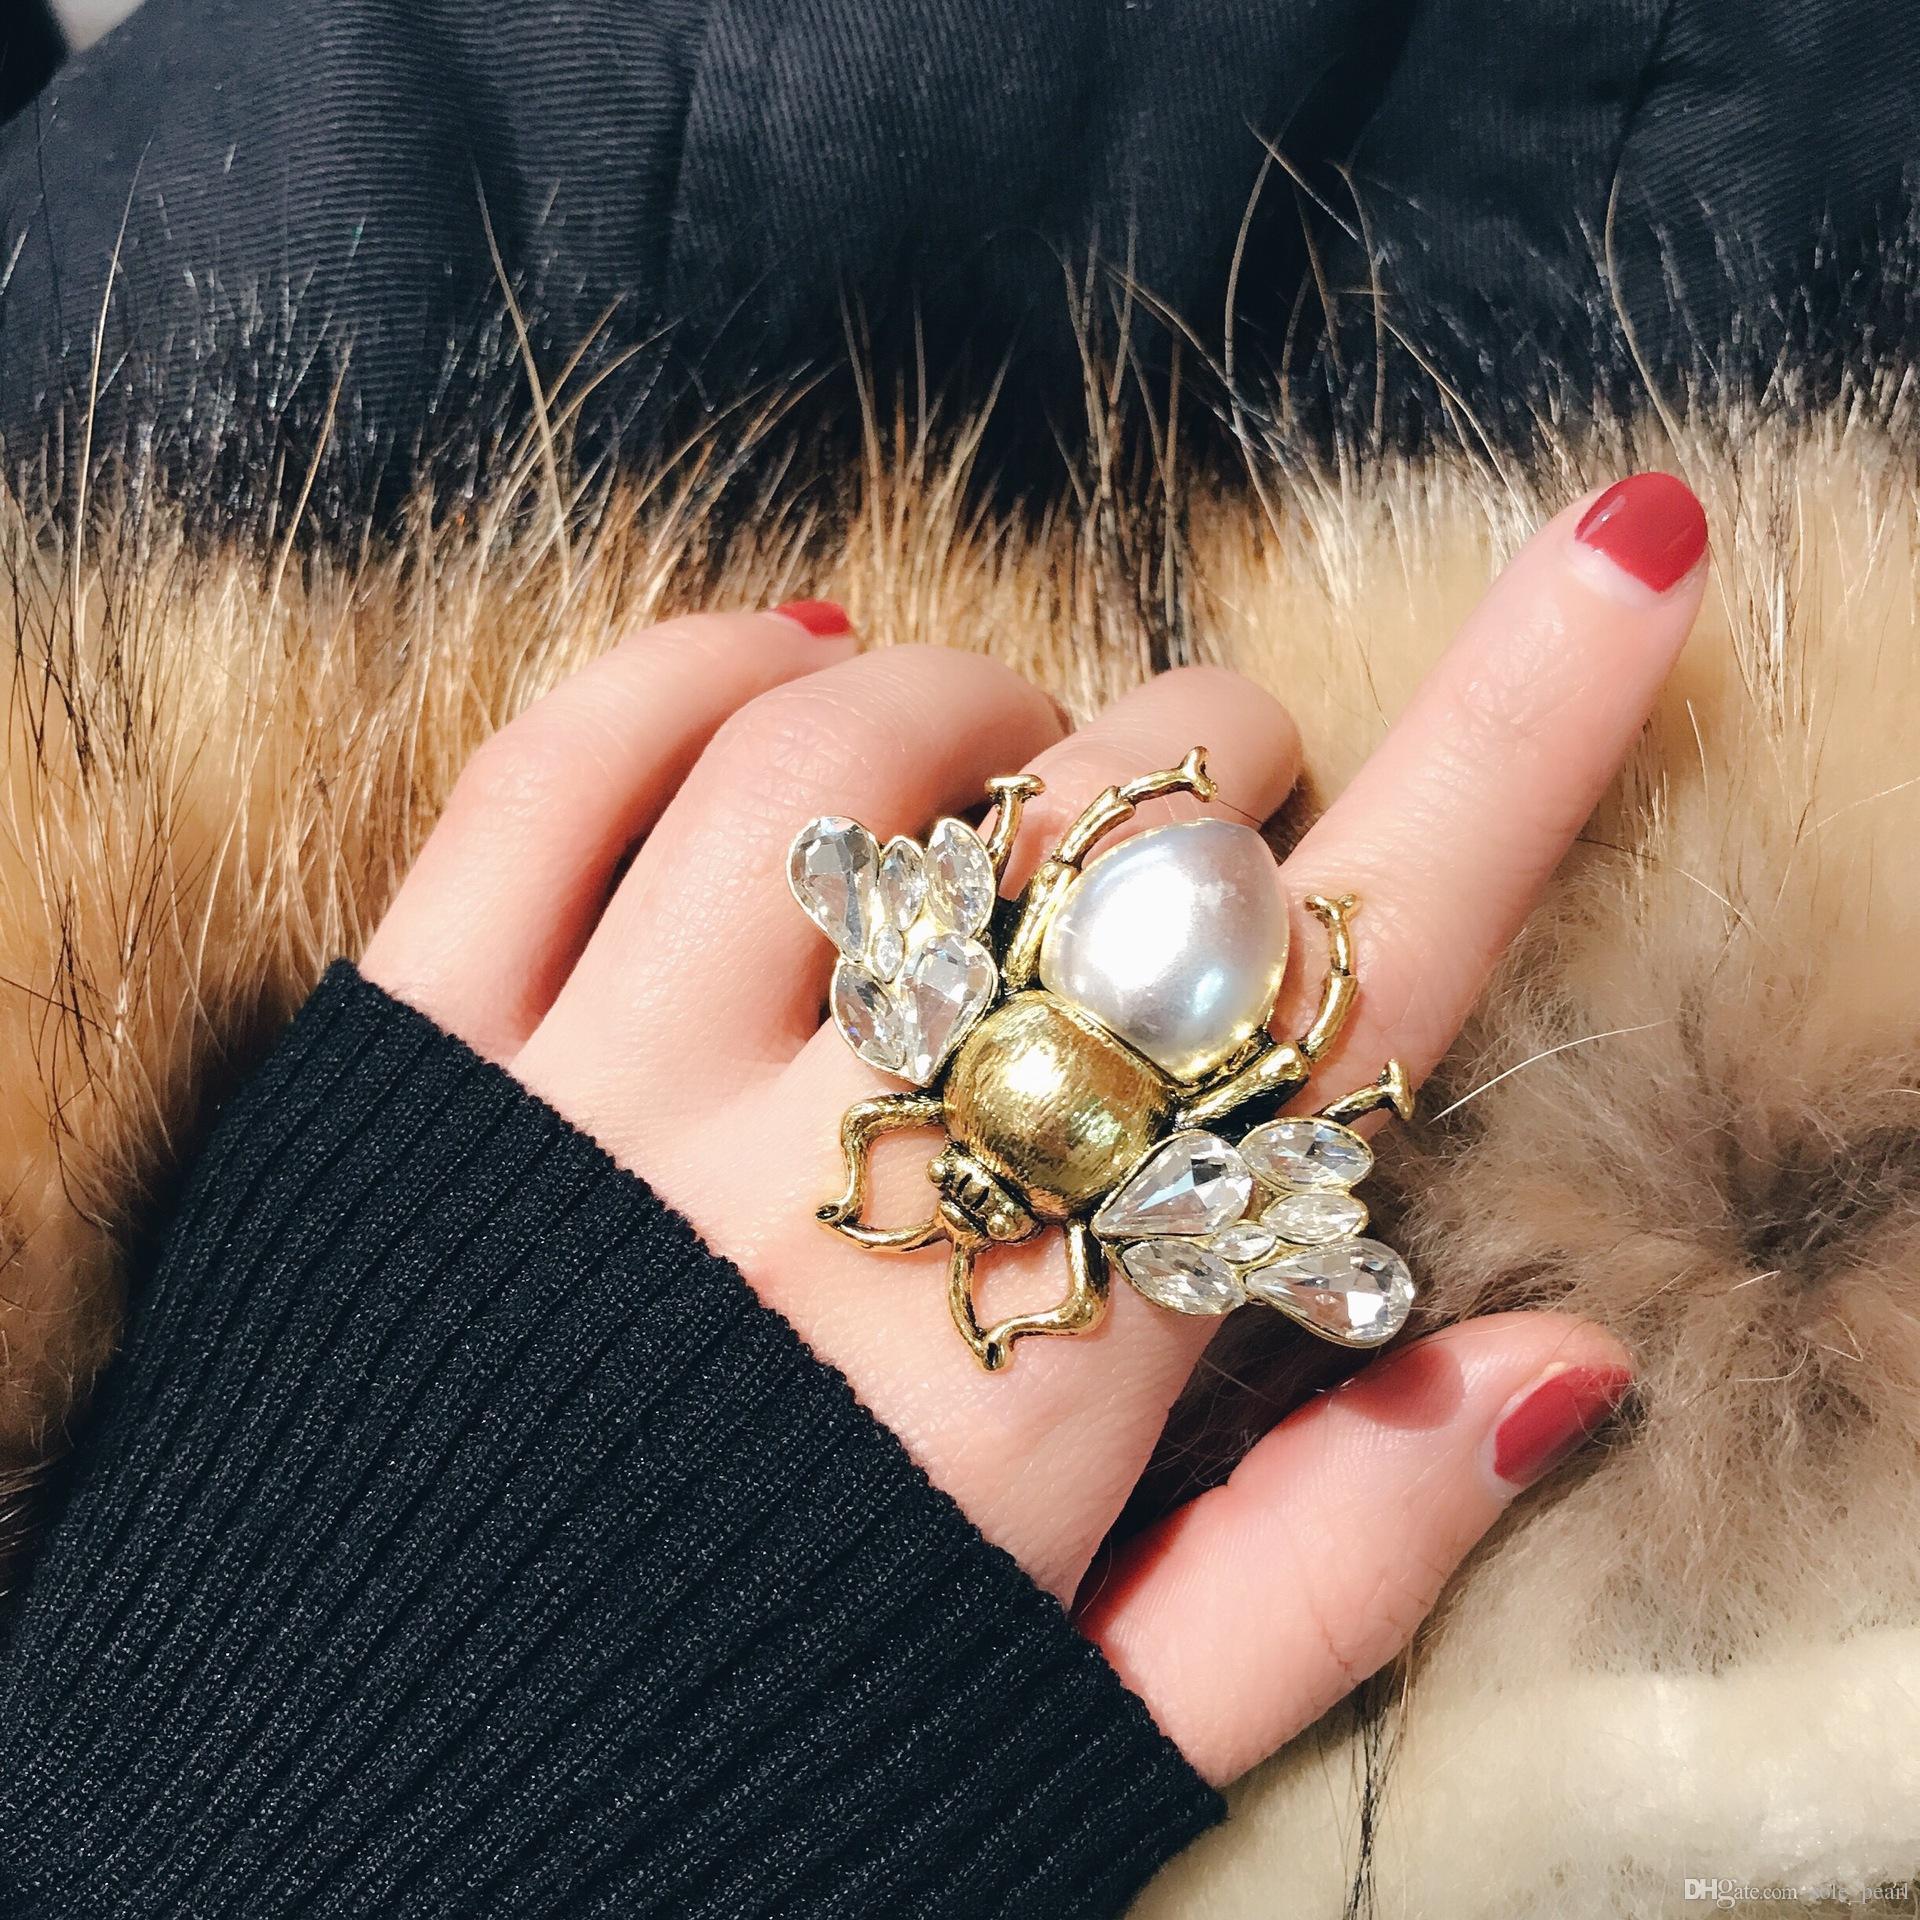 Vintage Pierścionki Biały Rhinestone Śliczne Pszczelarstwo Pierścienie Prestiżowe Posrebrzane Kobiety Pierścień Upscale Bohemia Typ Moda Biżuteria Imitacja Perły Pierścienie